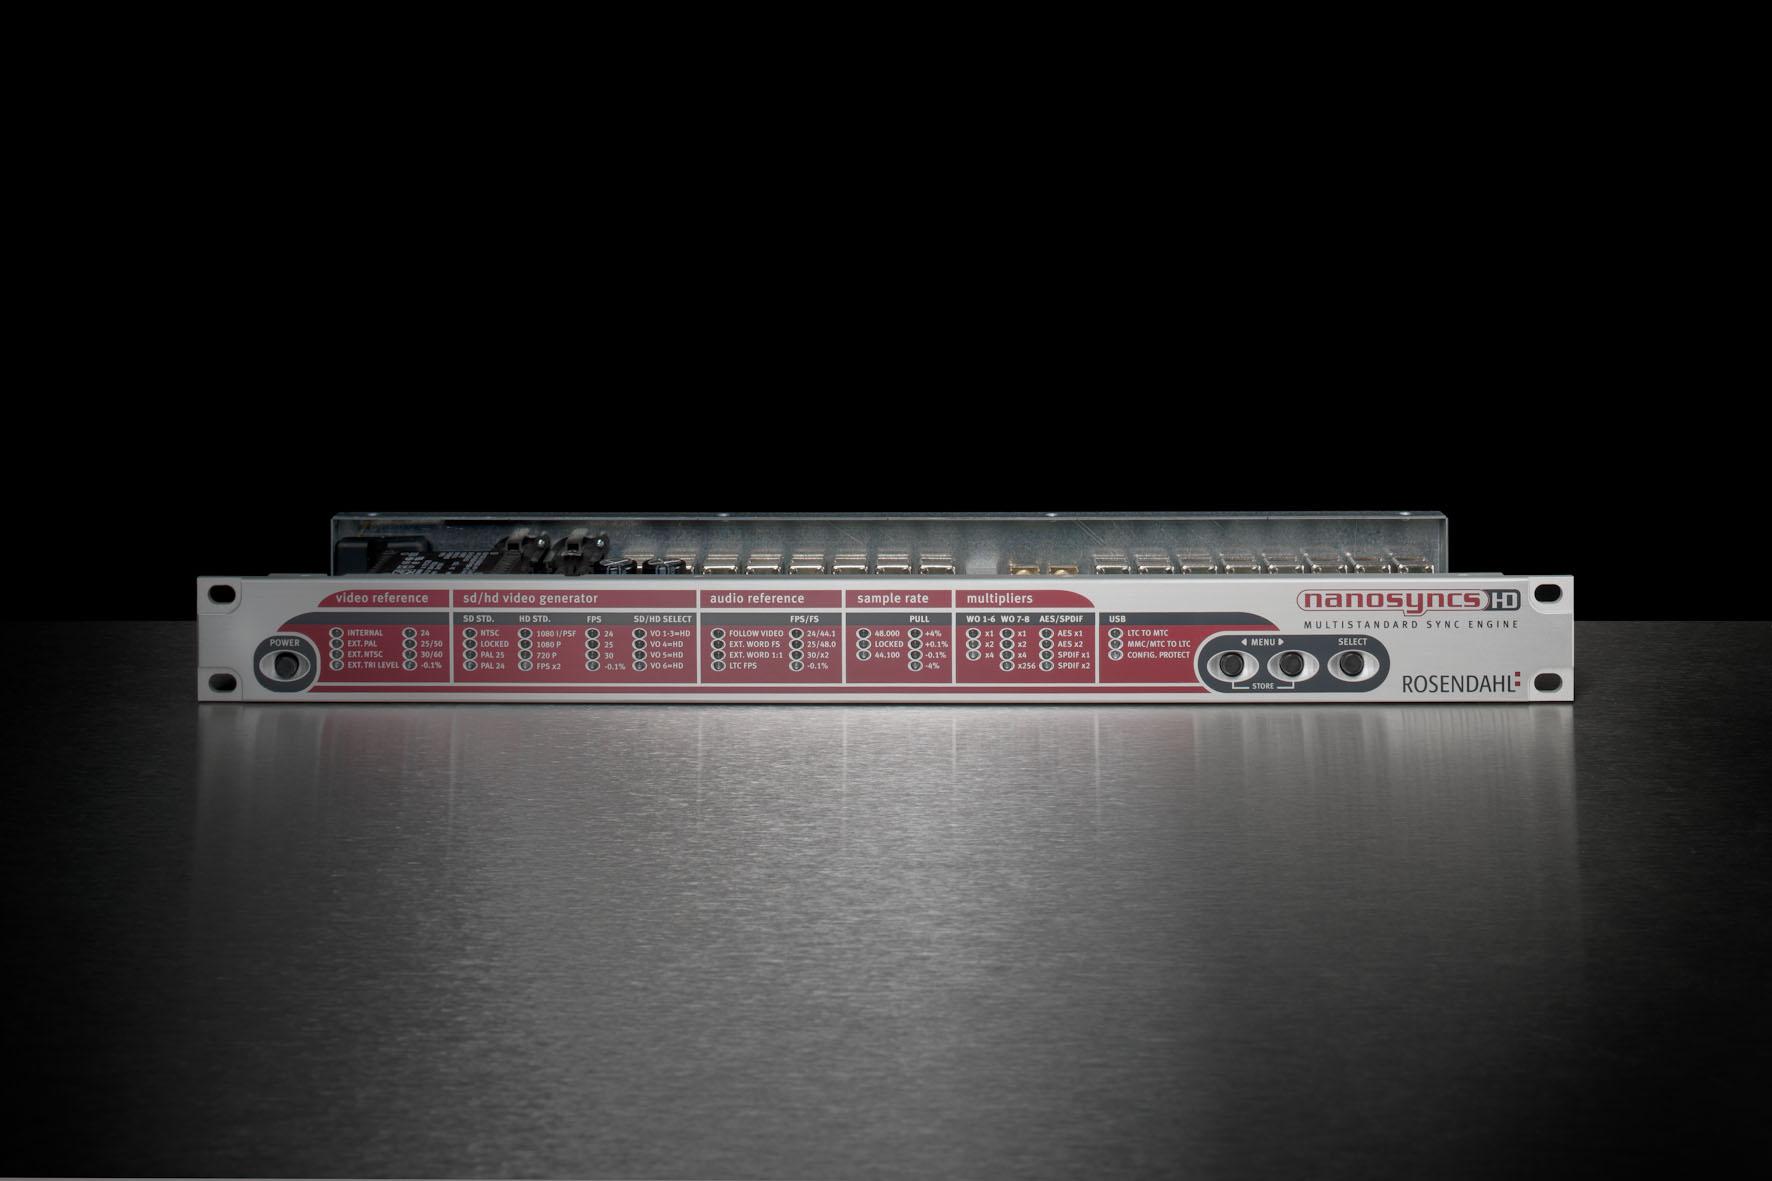 Einschubgehäuse von vorne. Die Front hat mehrere Schalter, übereinander angeordnete Aussparungen für LEDs und eine rot-schwarze Designbedruckung mit weißer Beschriftung der Elemente.